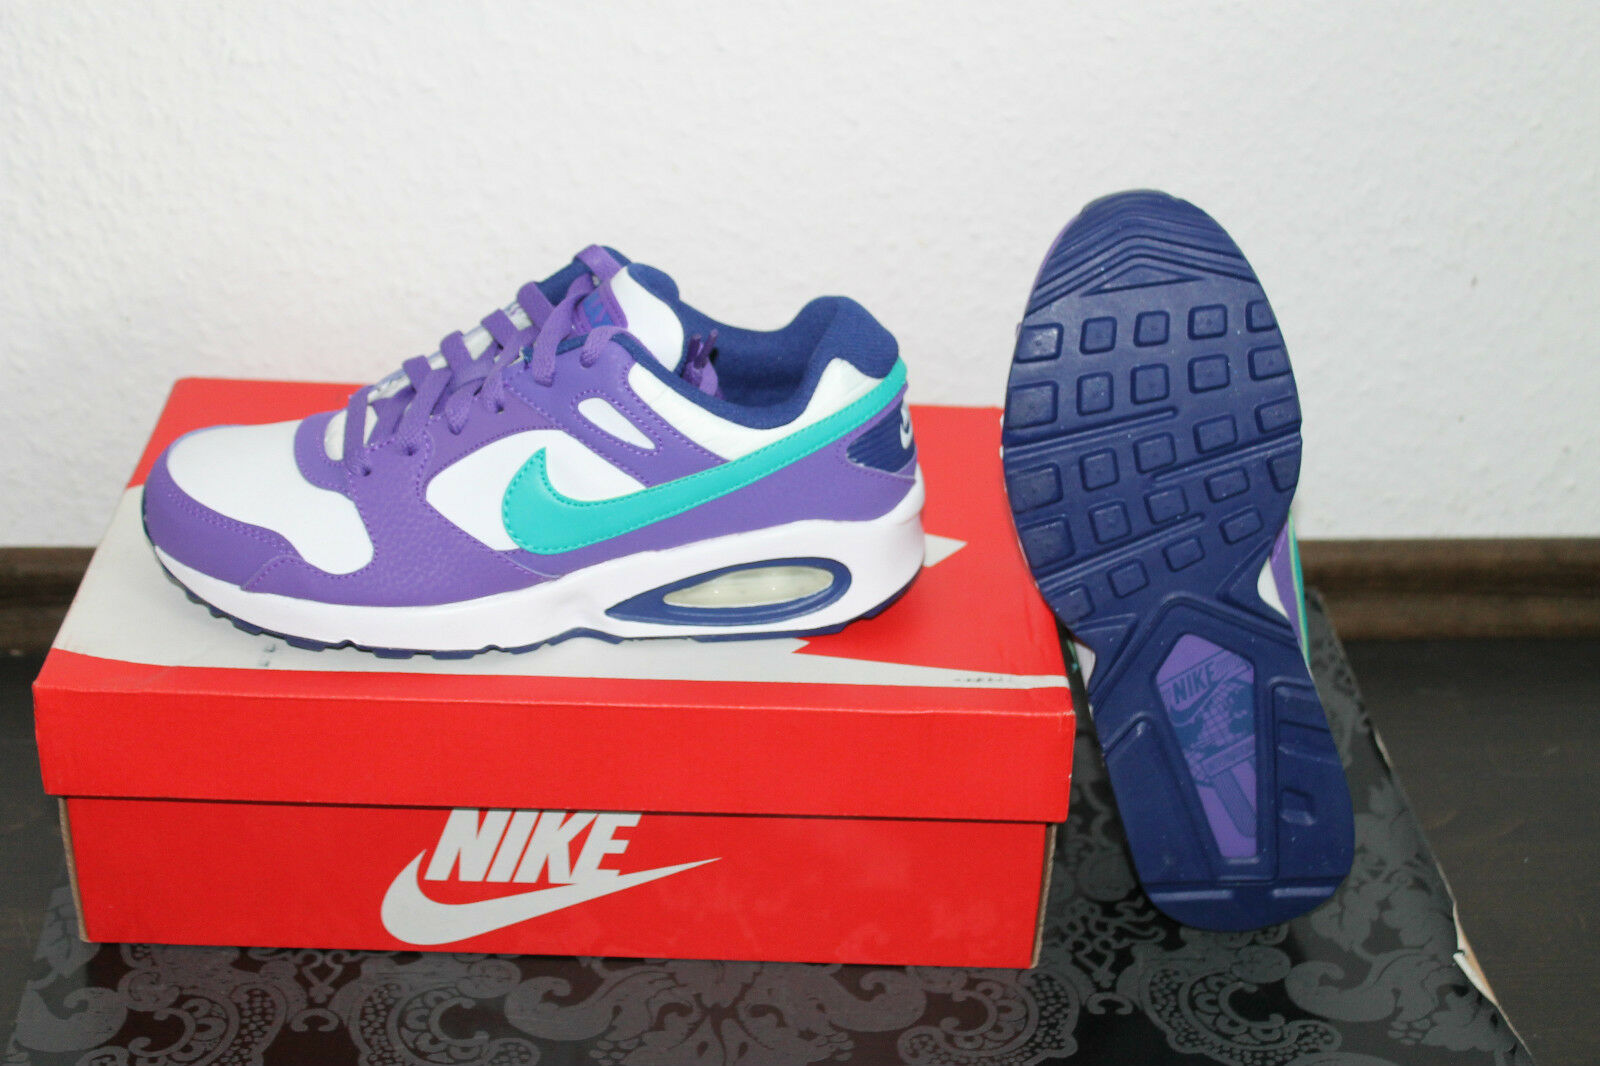 NIKE AIR MAX COLISEUM Chaussures de course course course blanc  violet bleu taille 36,5 ou 38,5 c7d175